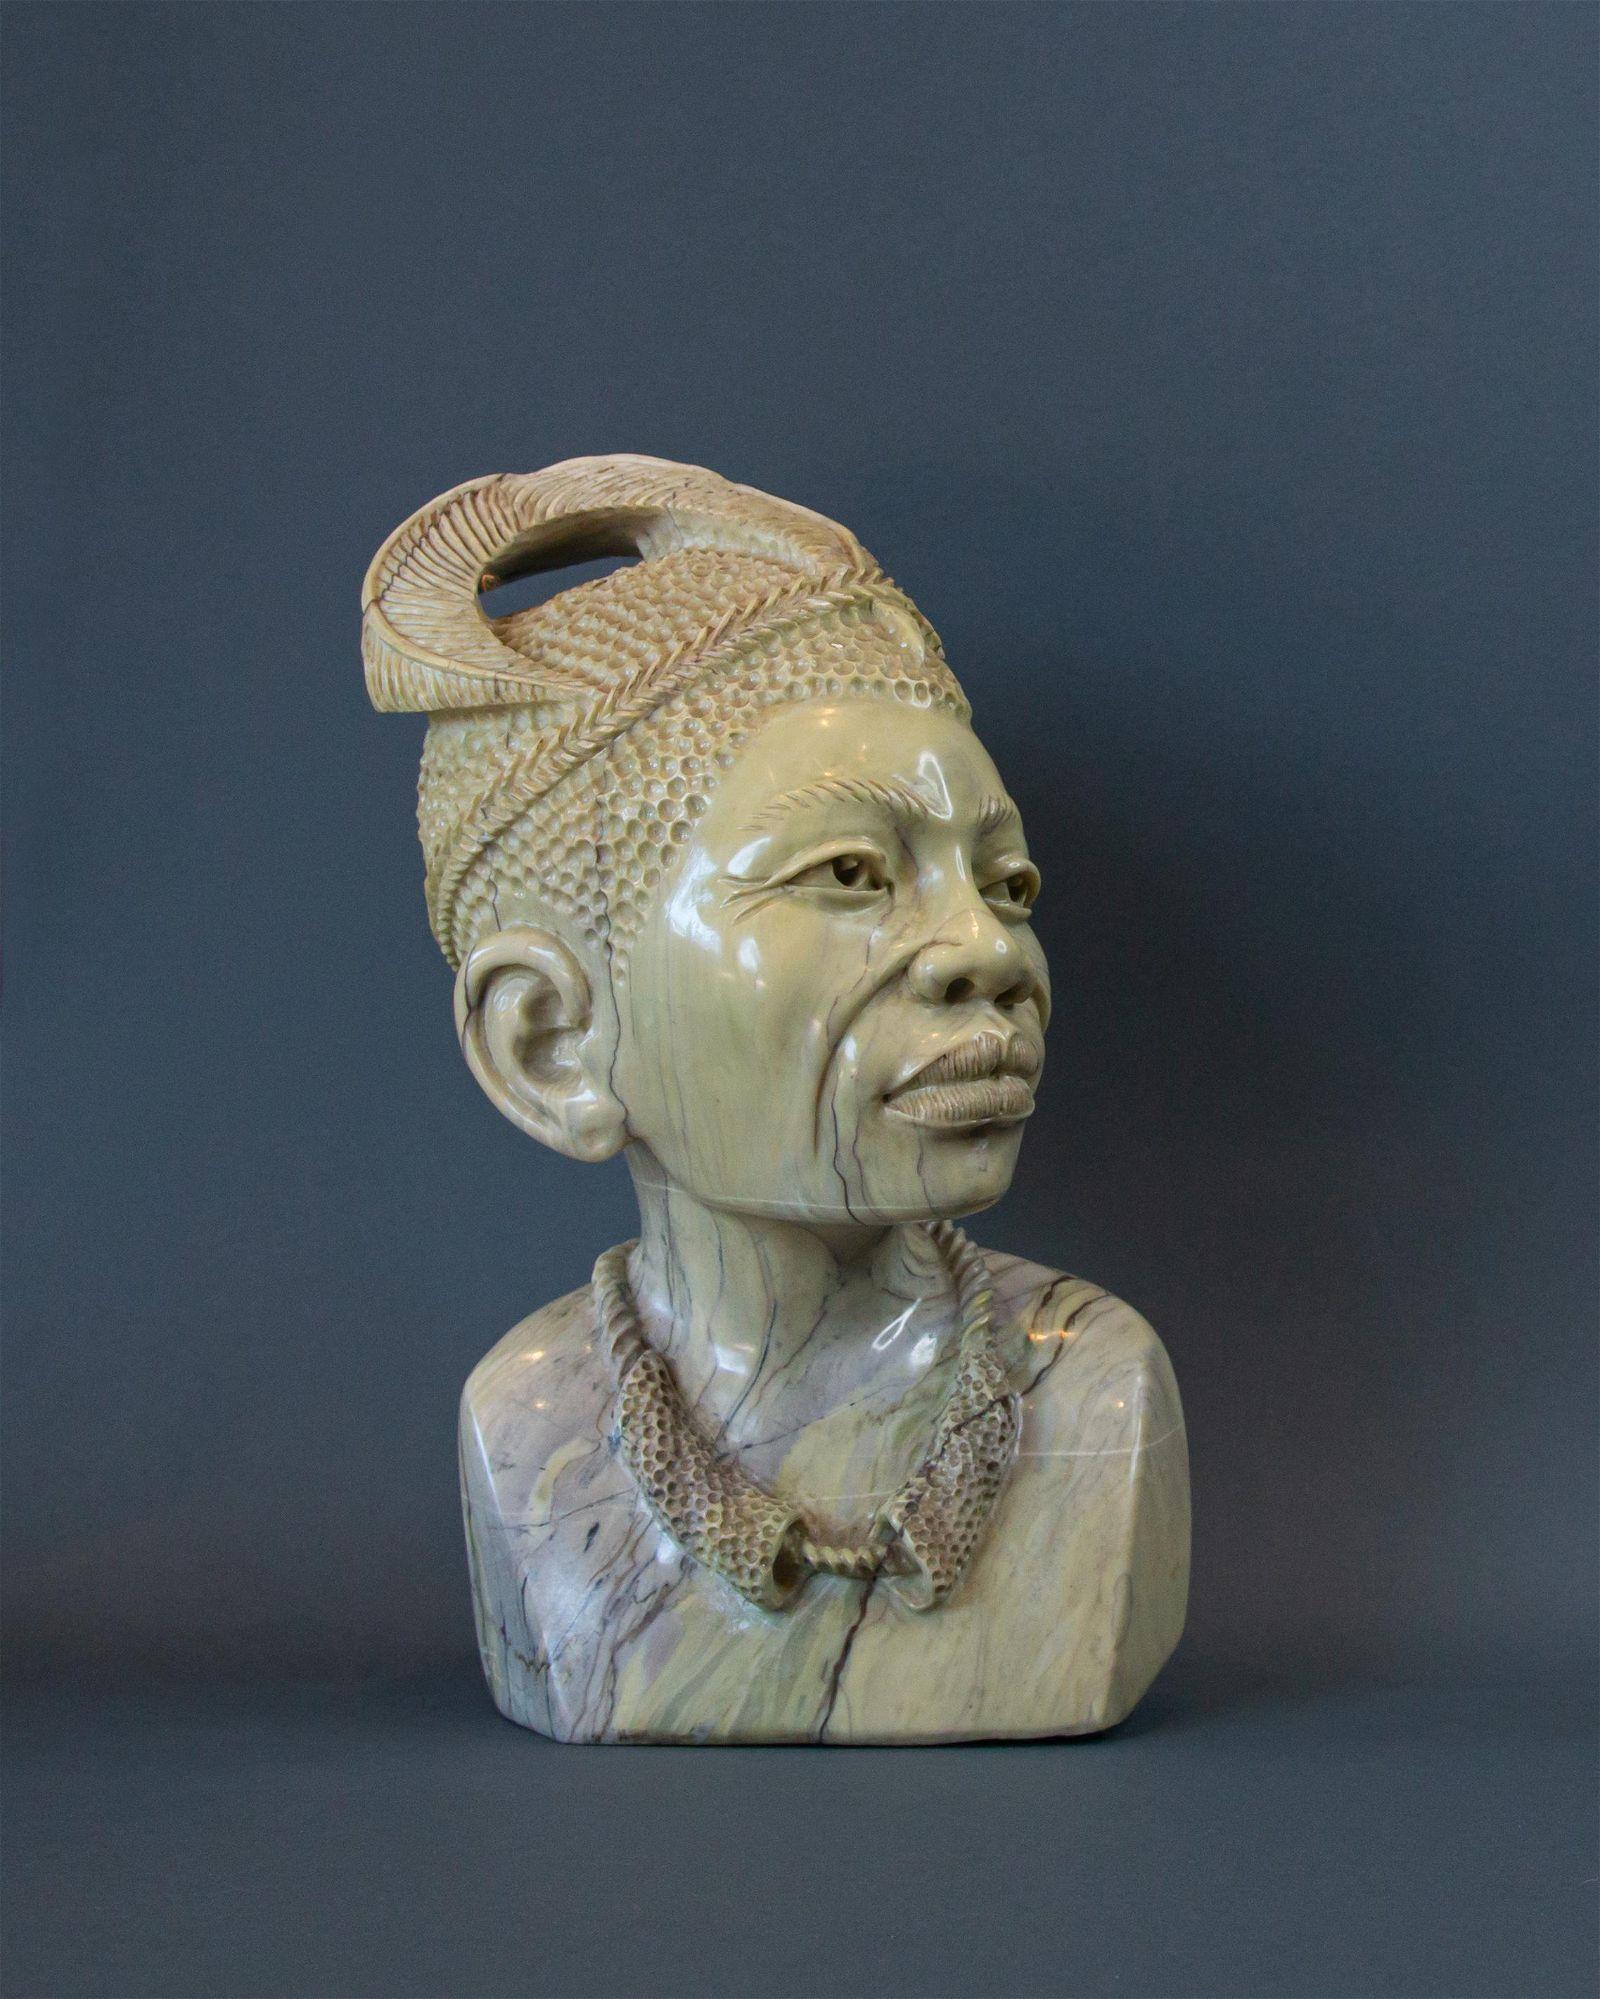 African Zulu Warrior bust